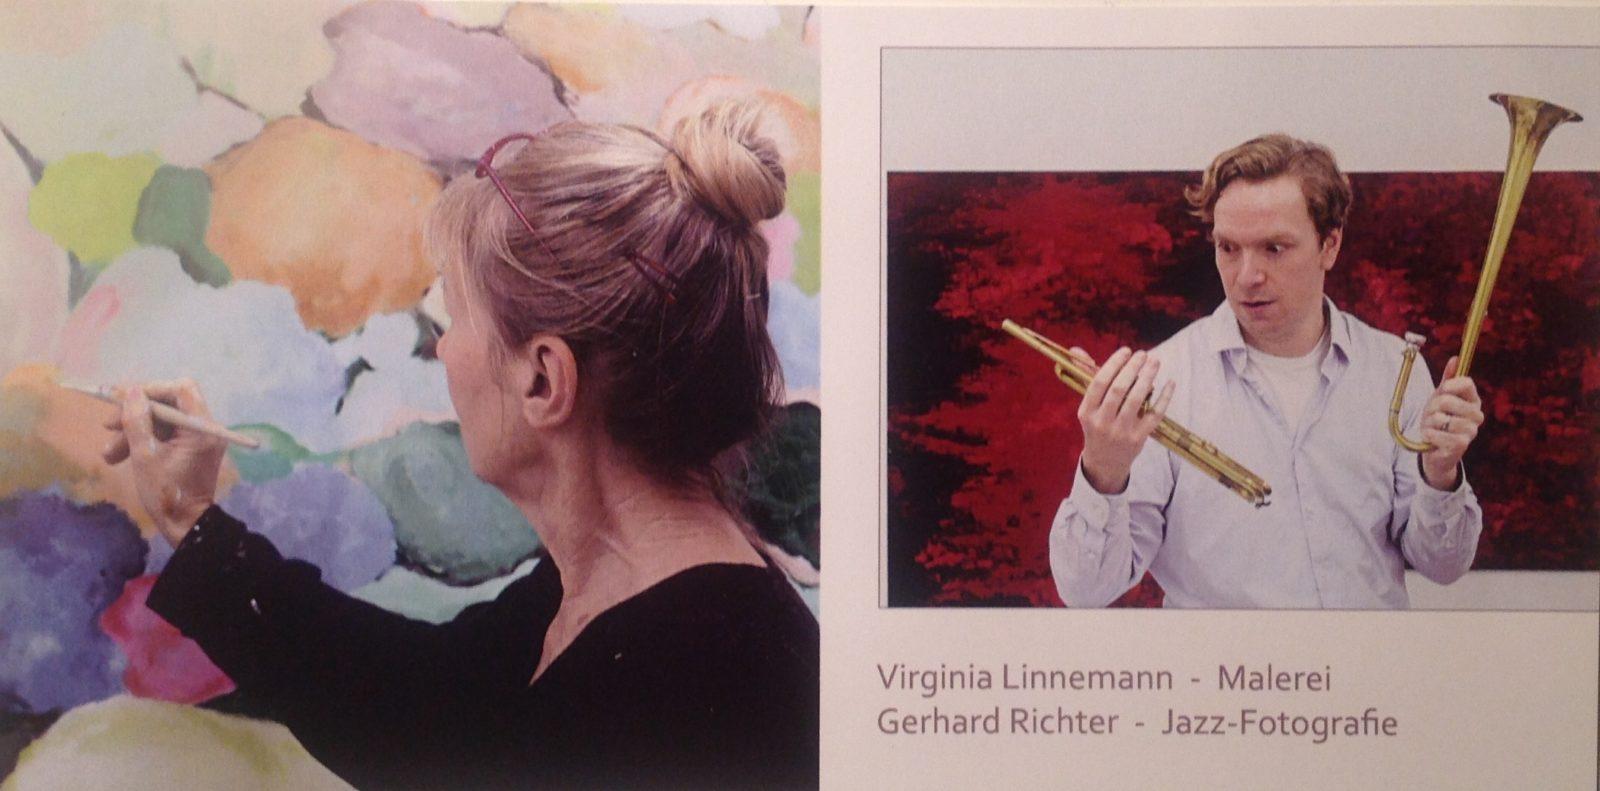 Jazz Fotografie und Malerei im Forum für aktuelle Kunst Köln